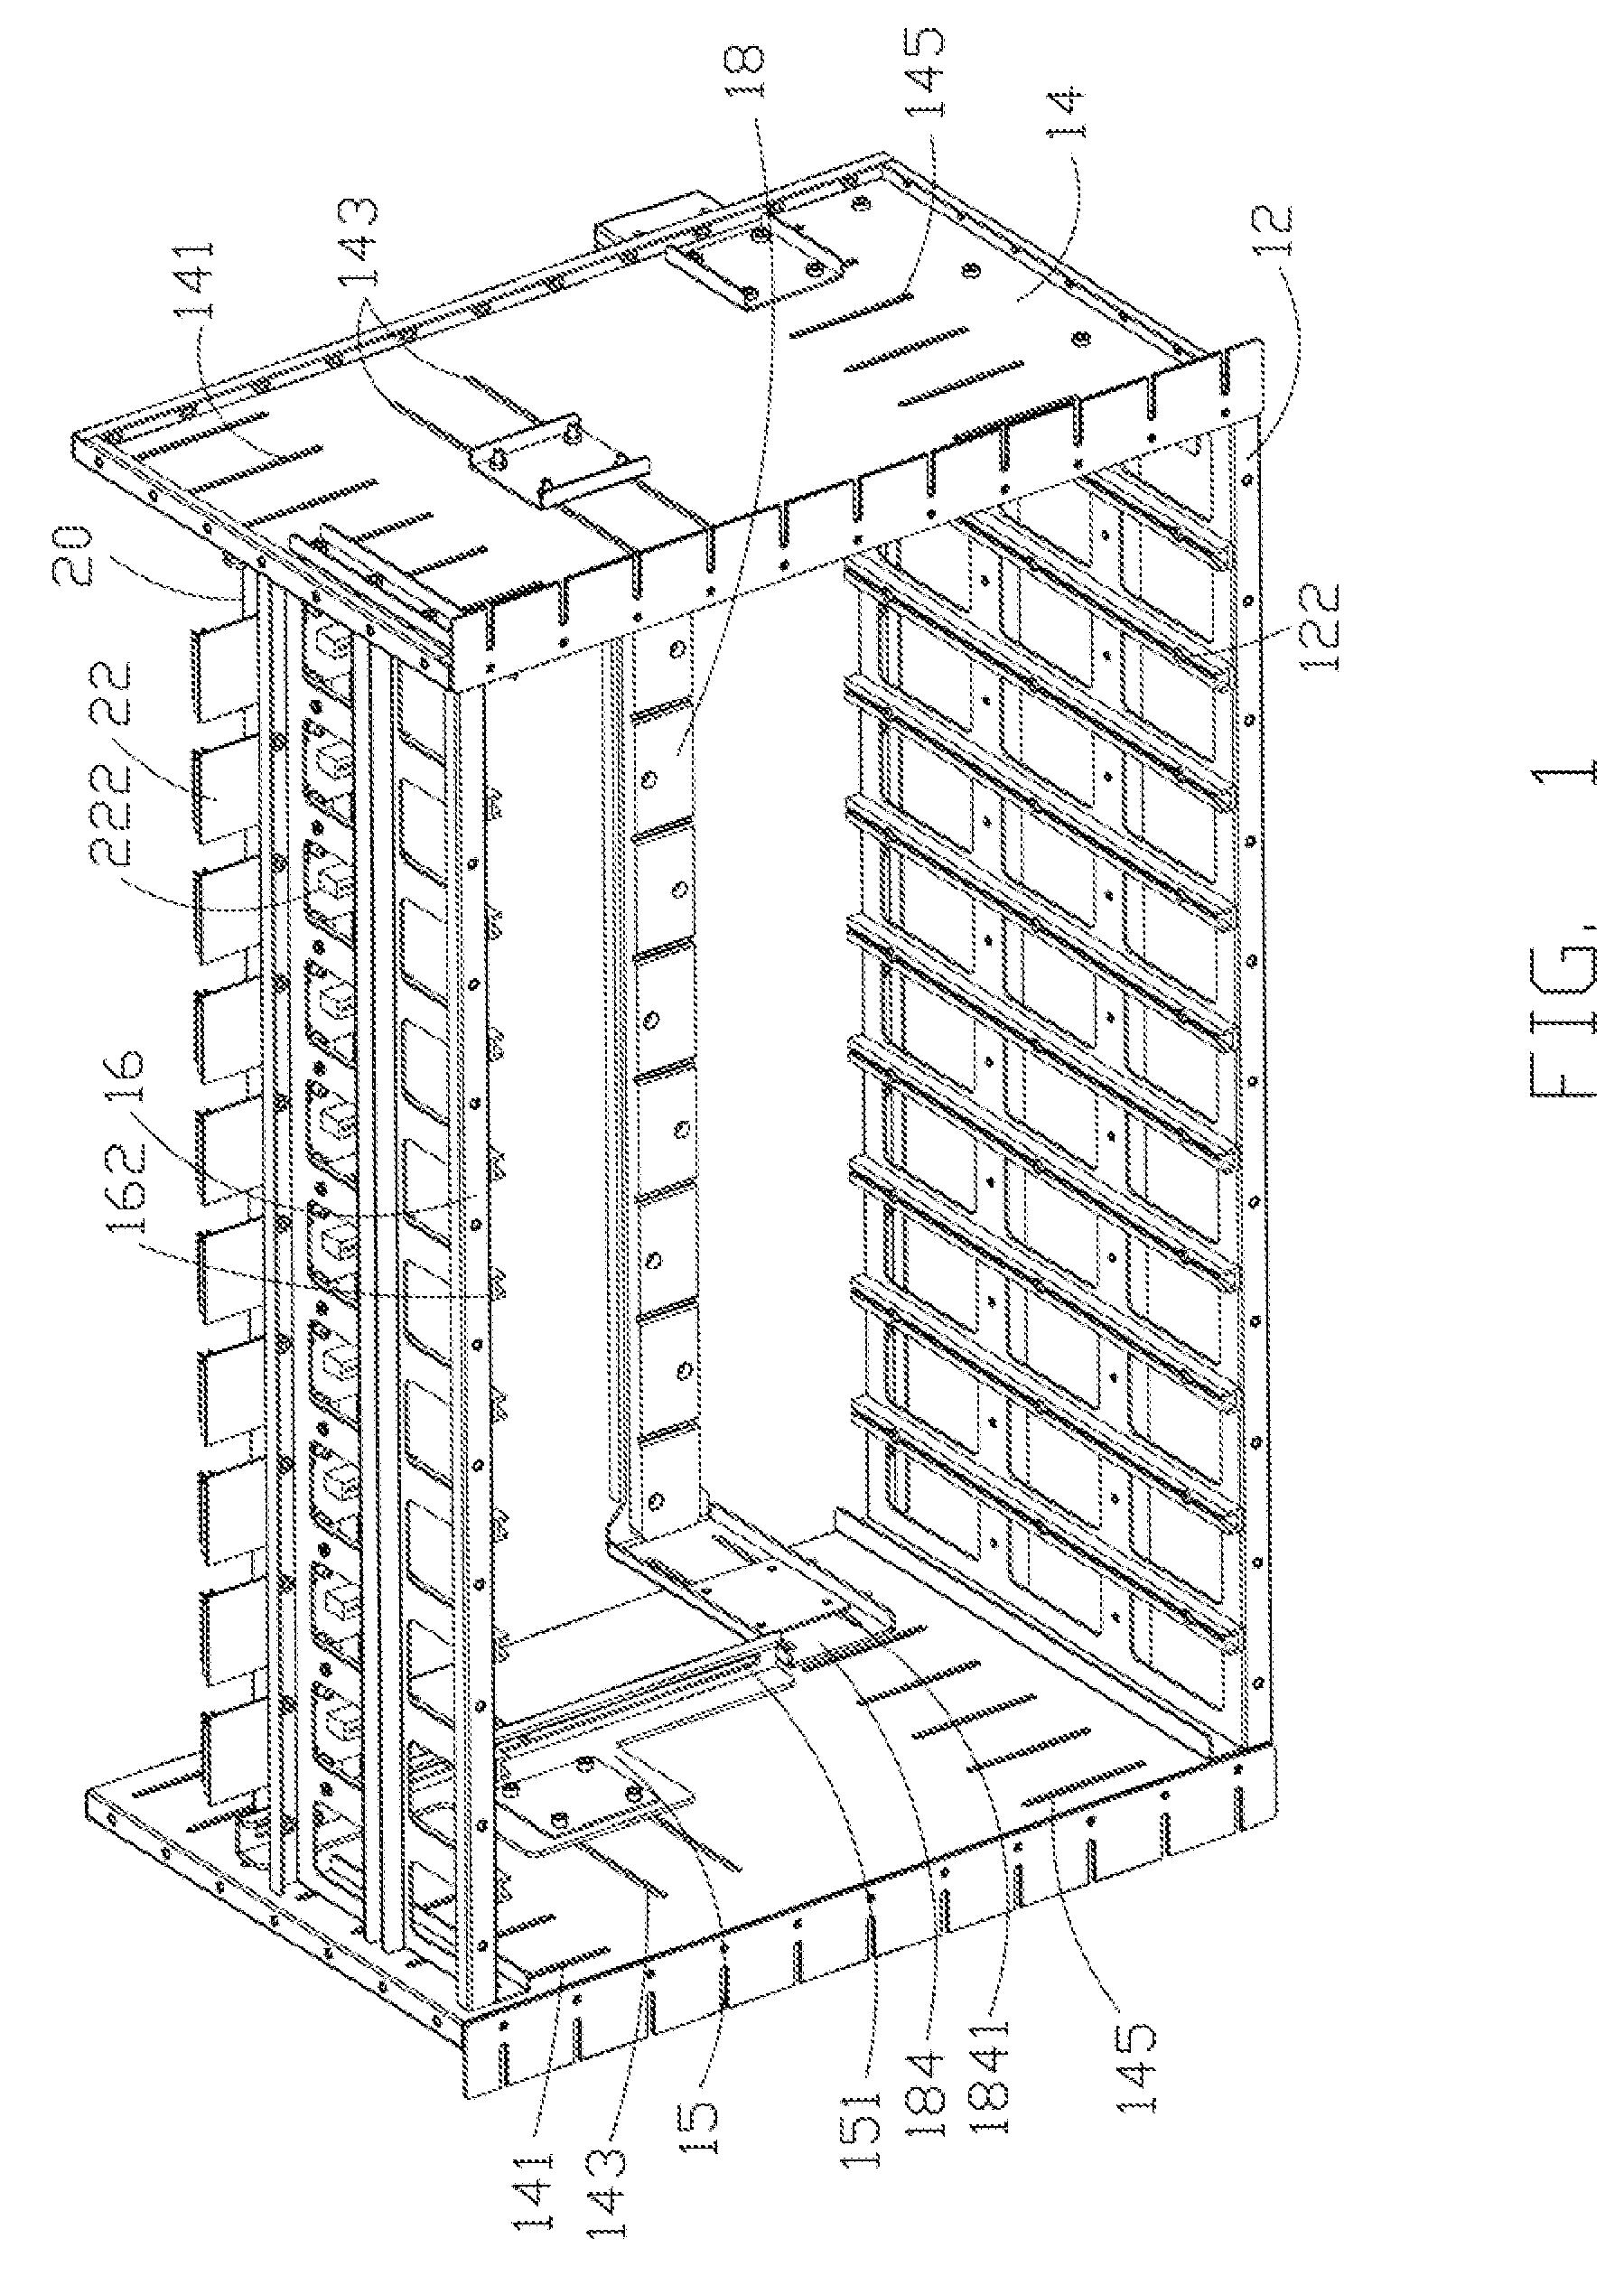 patent us8081009 - printed circuit board testing fixture